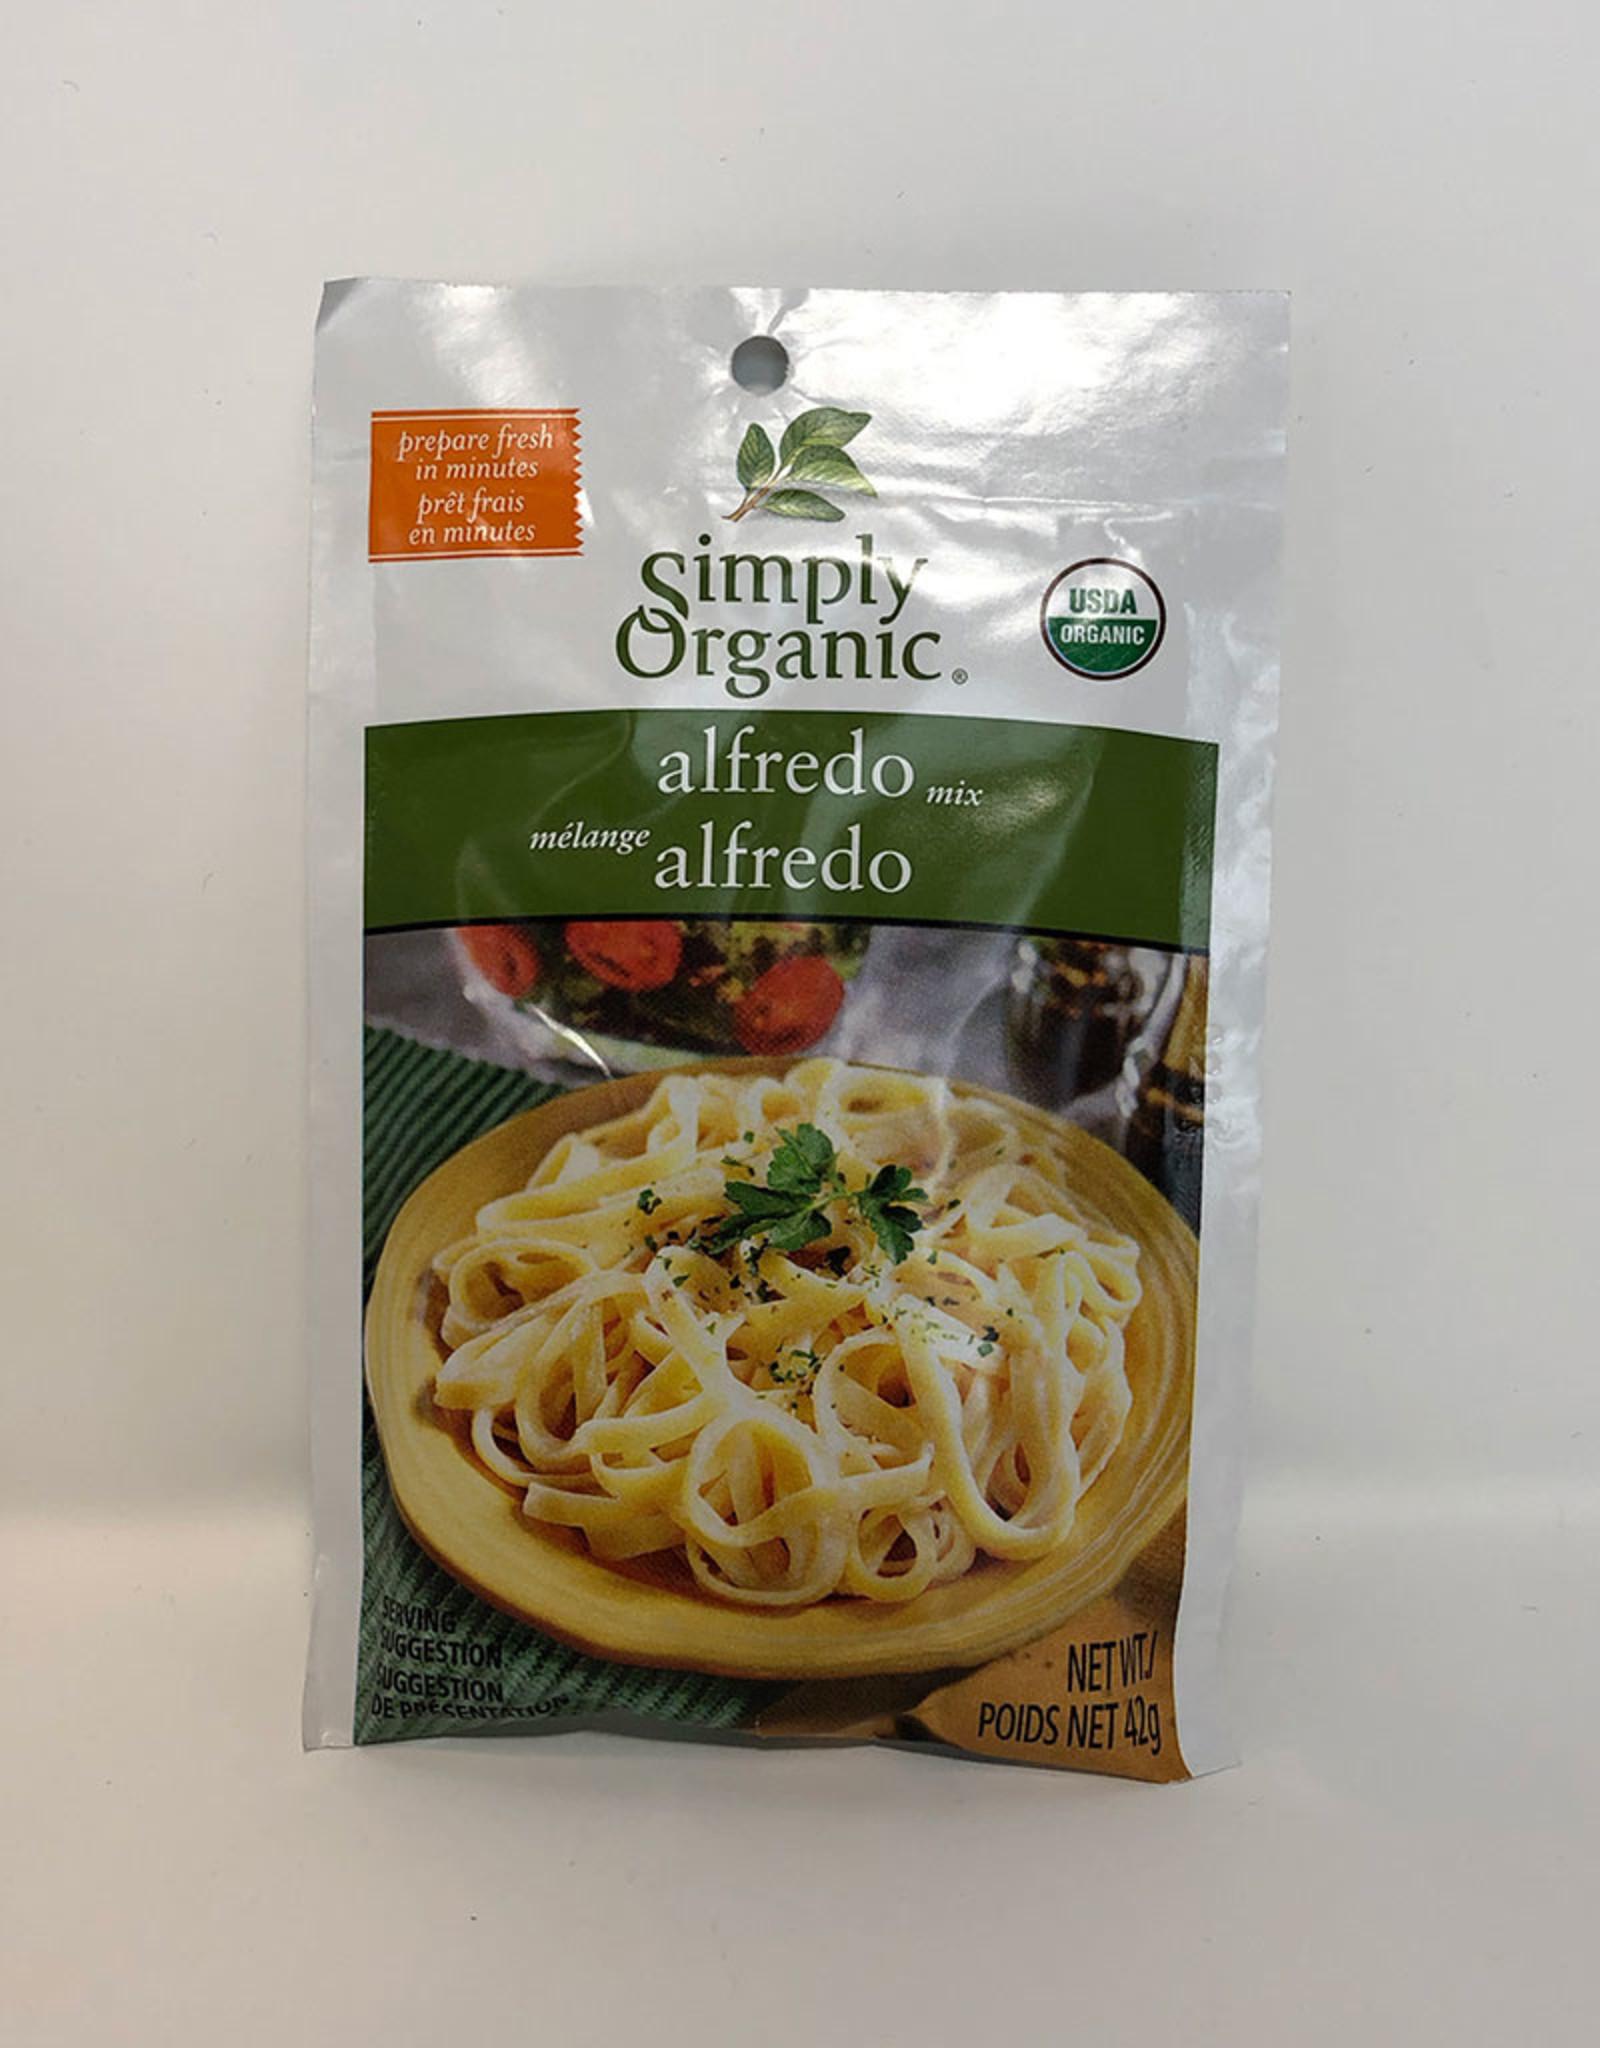 Simply Organic Simply Organic - Sauce Mix, Alfredo Sauce